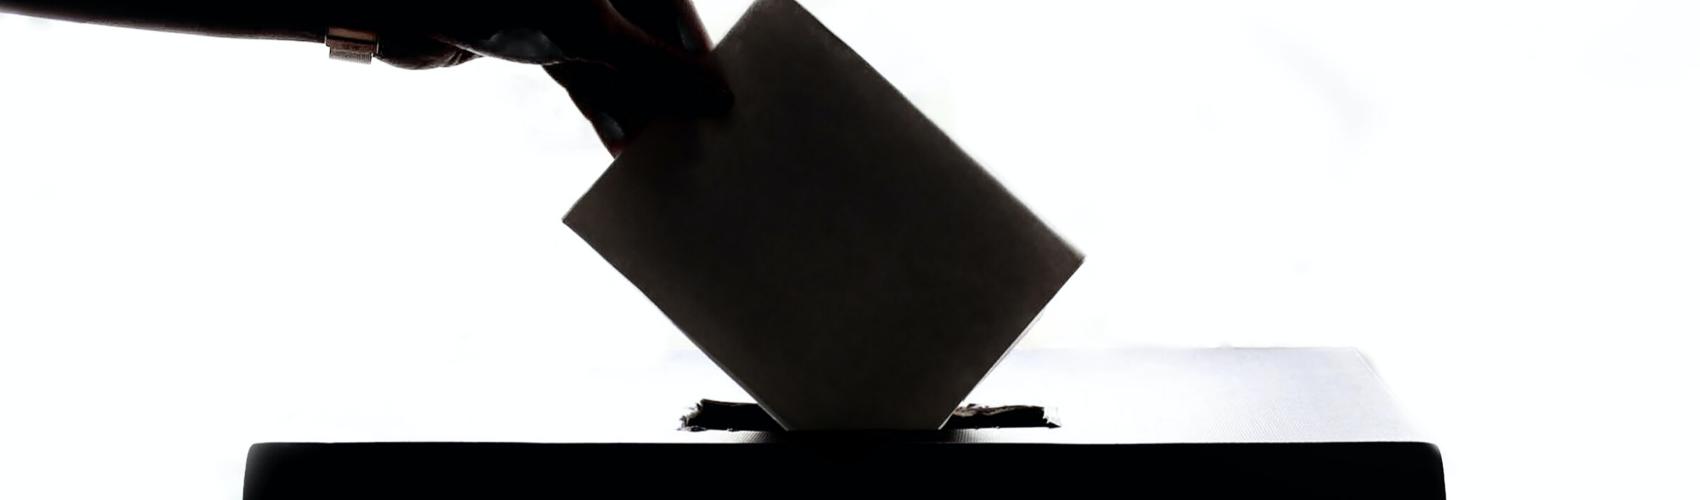 投票の画像